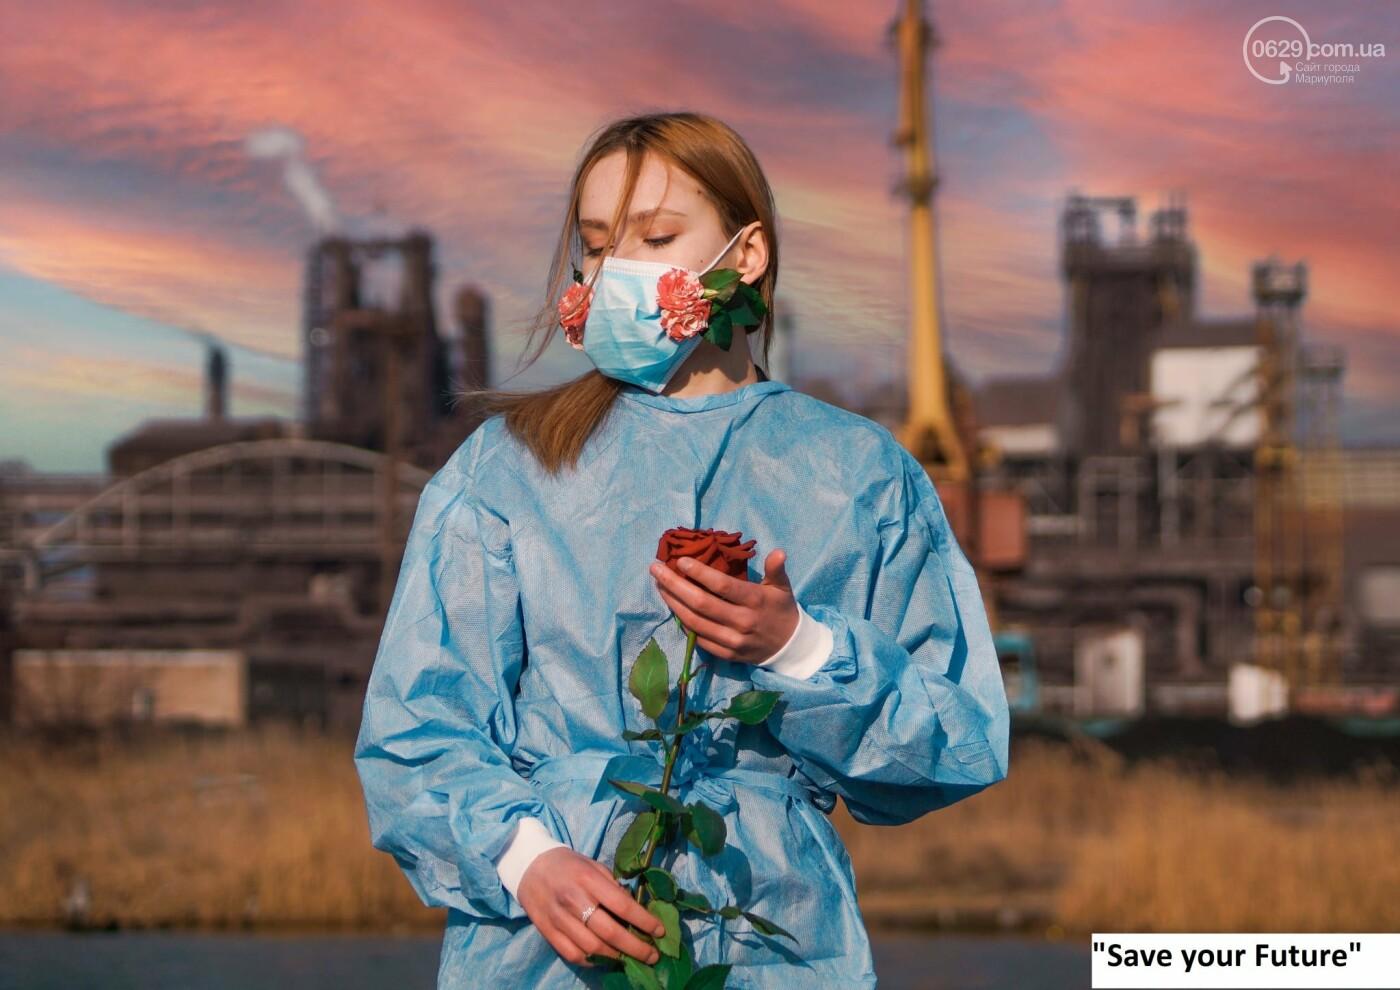 Маріупольчанка на фоні заводів виграла конкурс фотографії, - ФОТО, фото-2